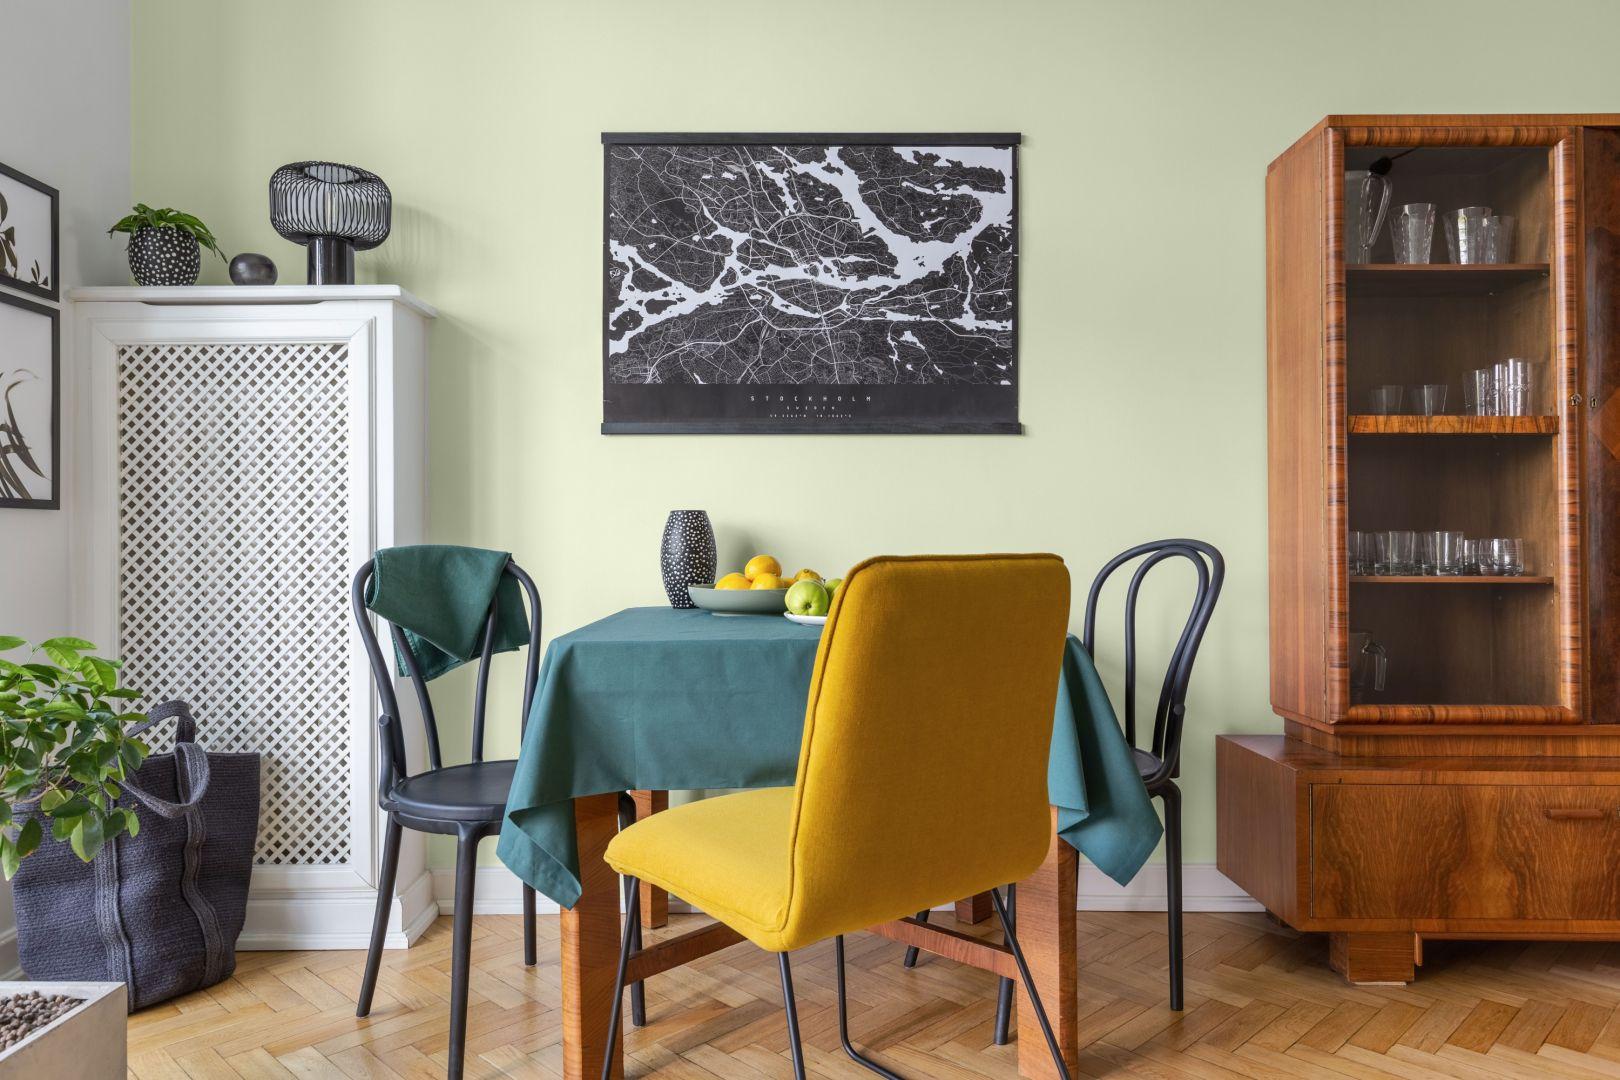 Jasna zieleń ścian w tonacji Y383 Cucumber dyskretnie dopełni tradycyjne wnętrze, idealnie współgrając z drewnianą podłogą. Fot. Tikkurila